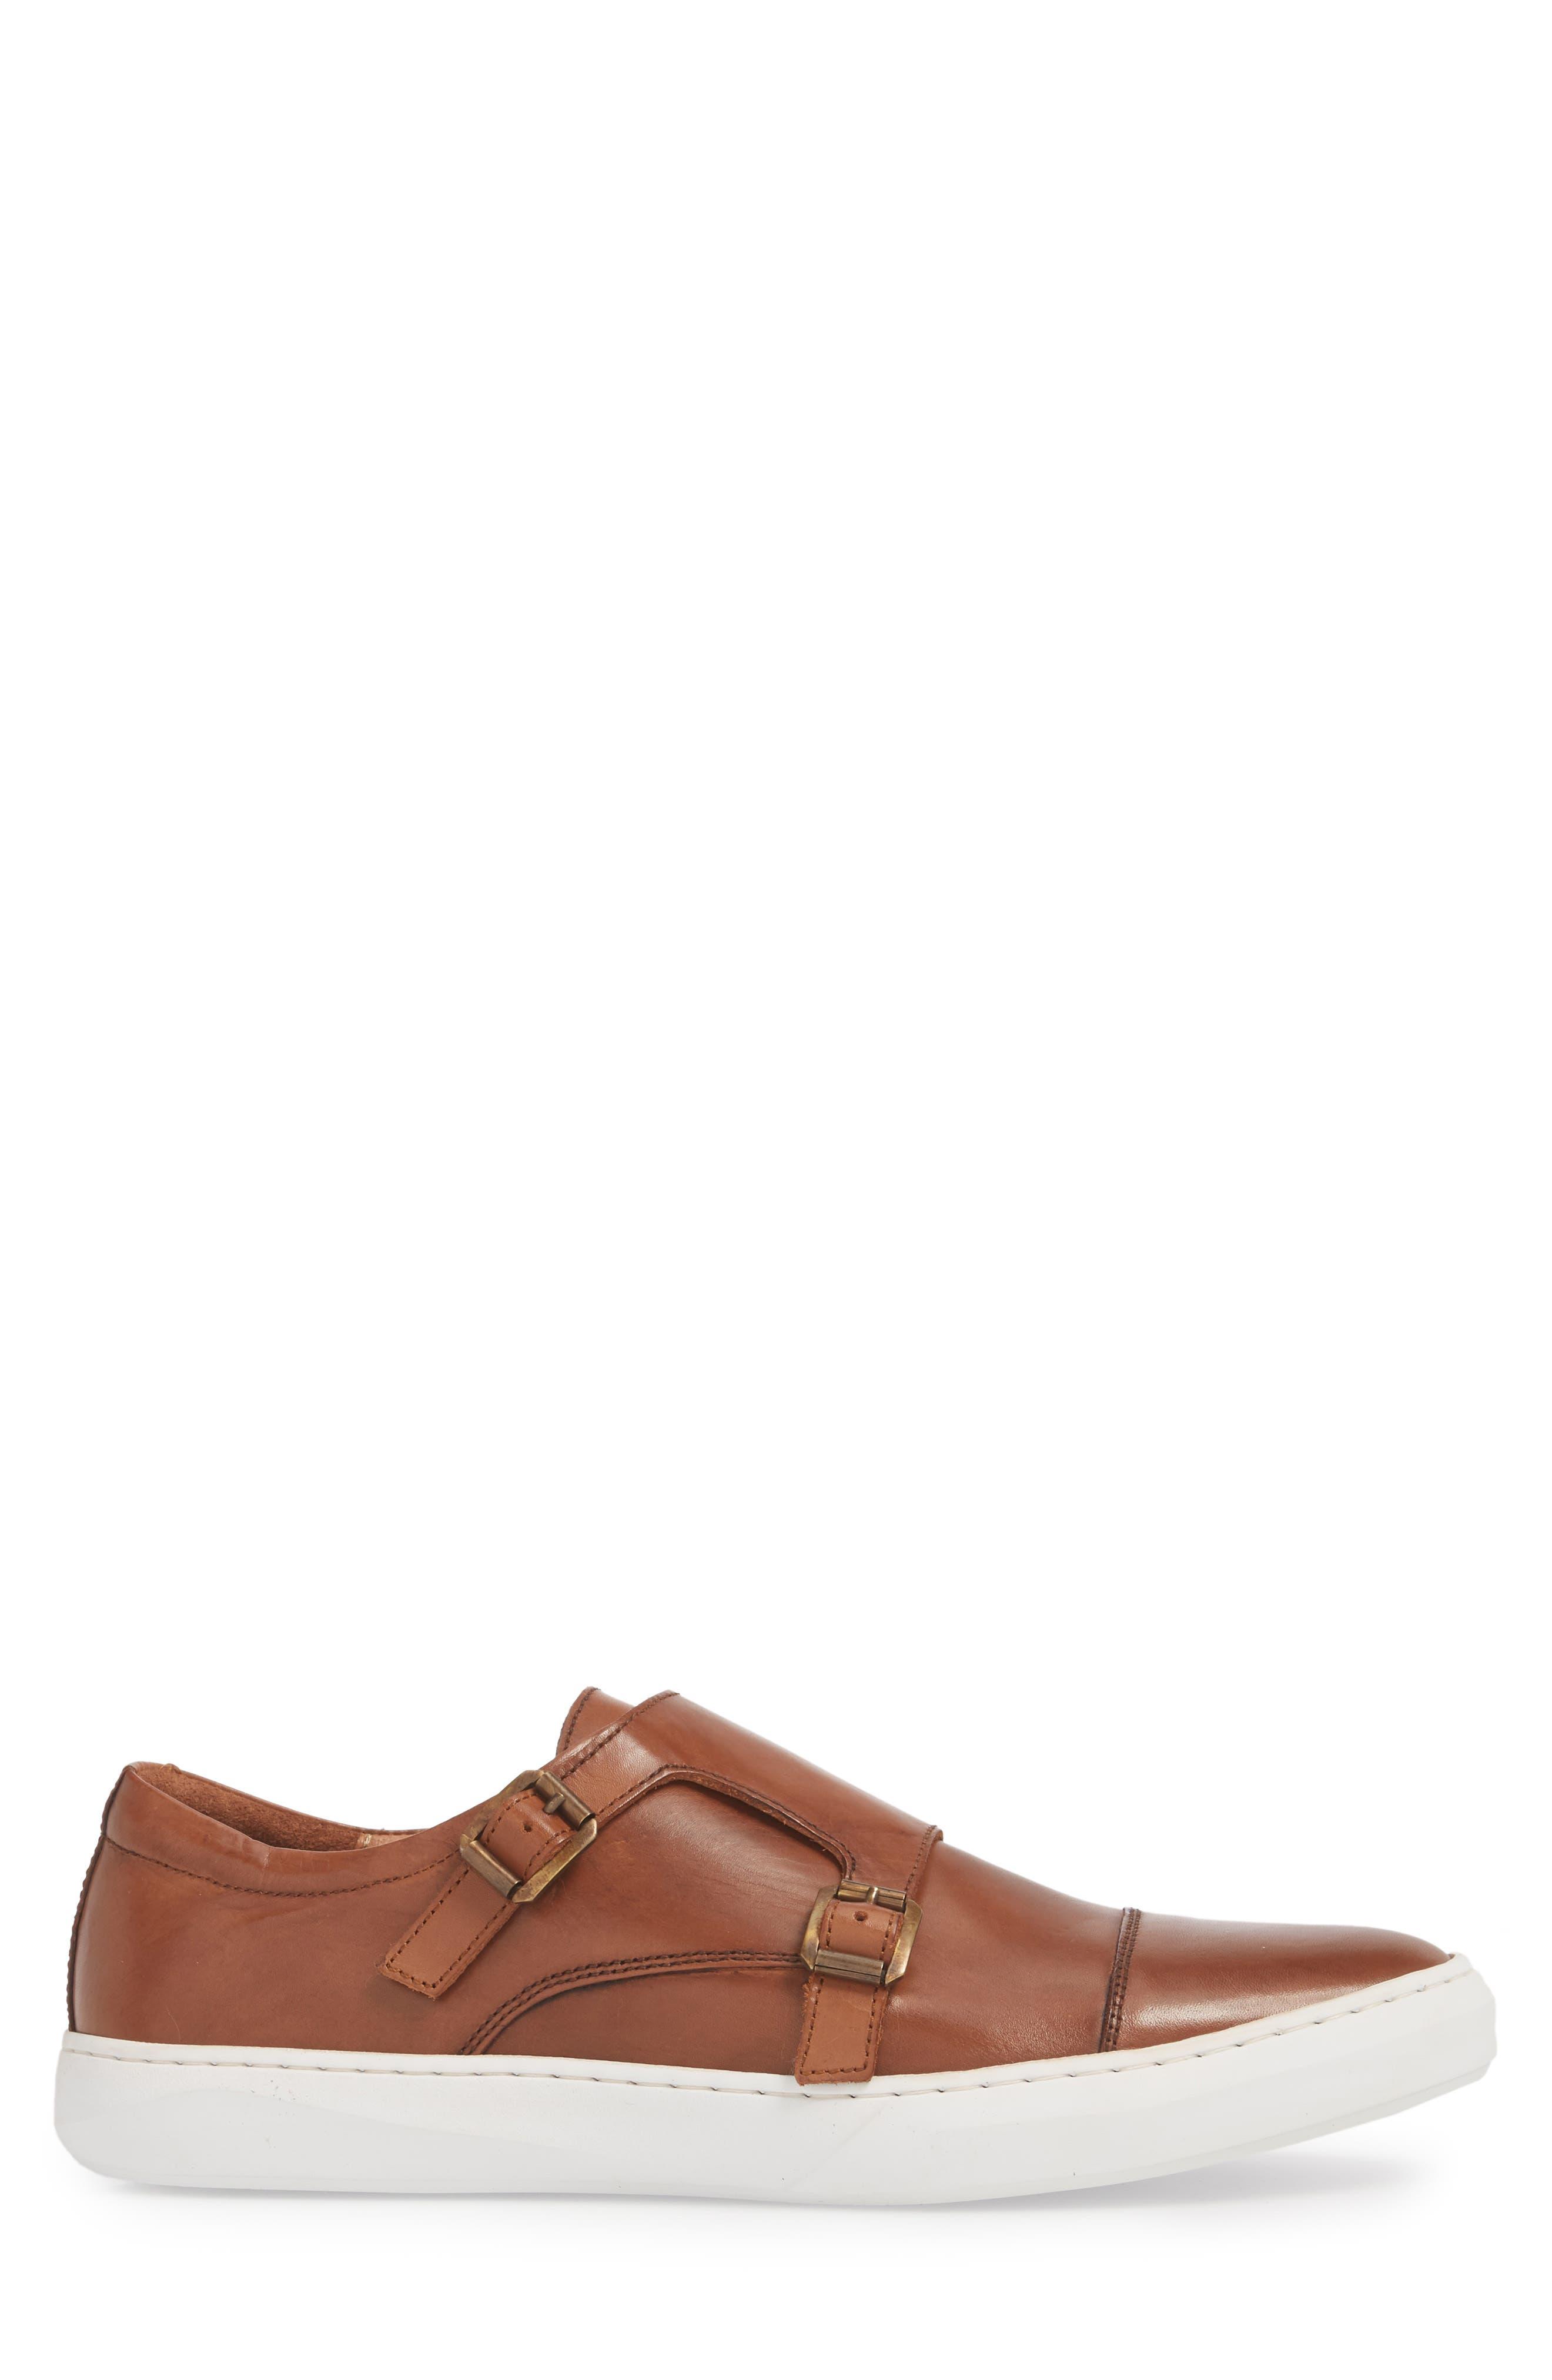 Whyle Double Strap Monk Sneaker,                             Alternate thumbnail 3, color,                             Cognac Leather